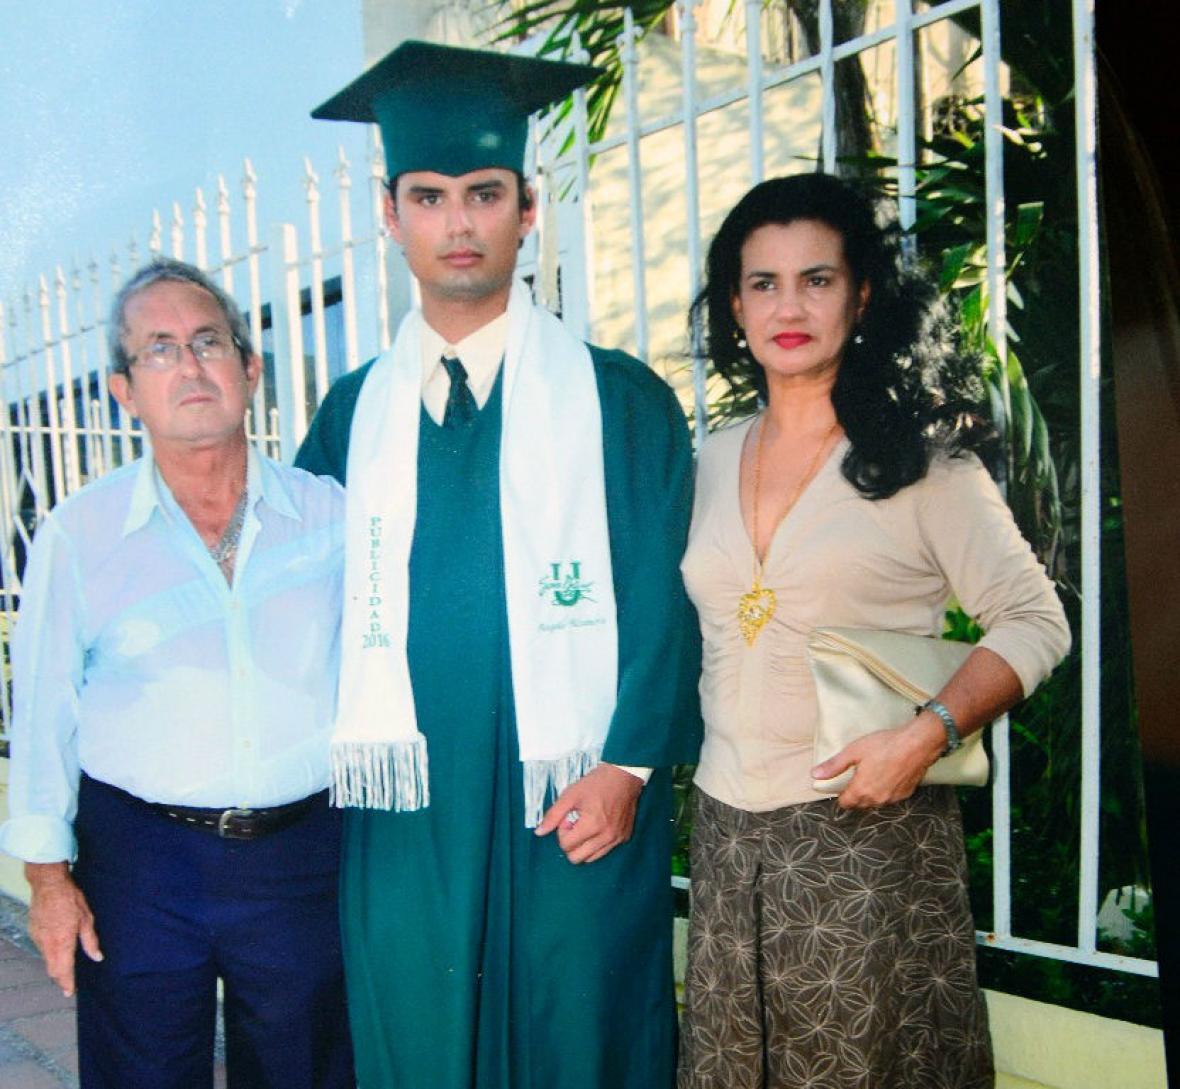 Angello con su padre Víctor Alzamora y su madre Myrian Córdoba, cuando se graduó como Técnico en Publicidad en la Simón Bolívar.